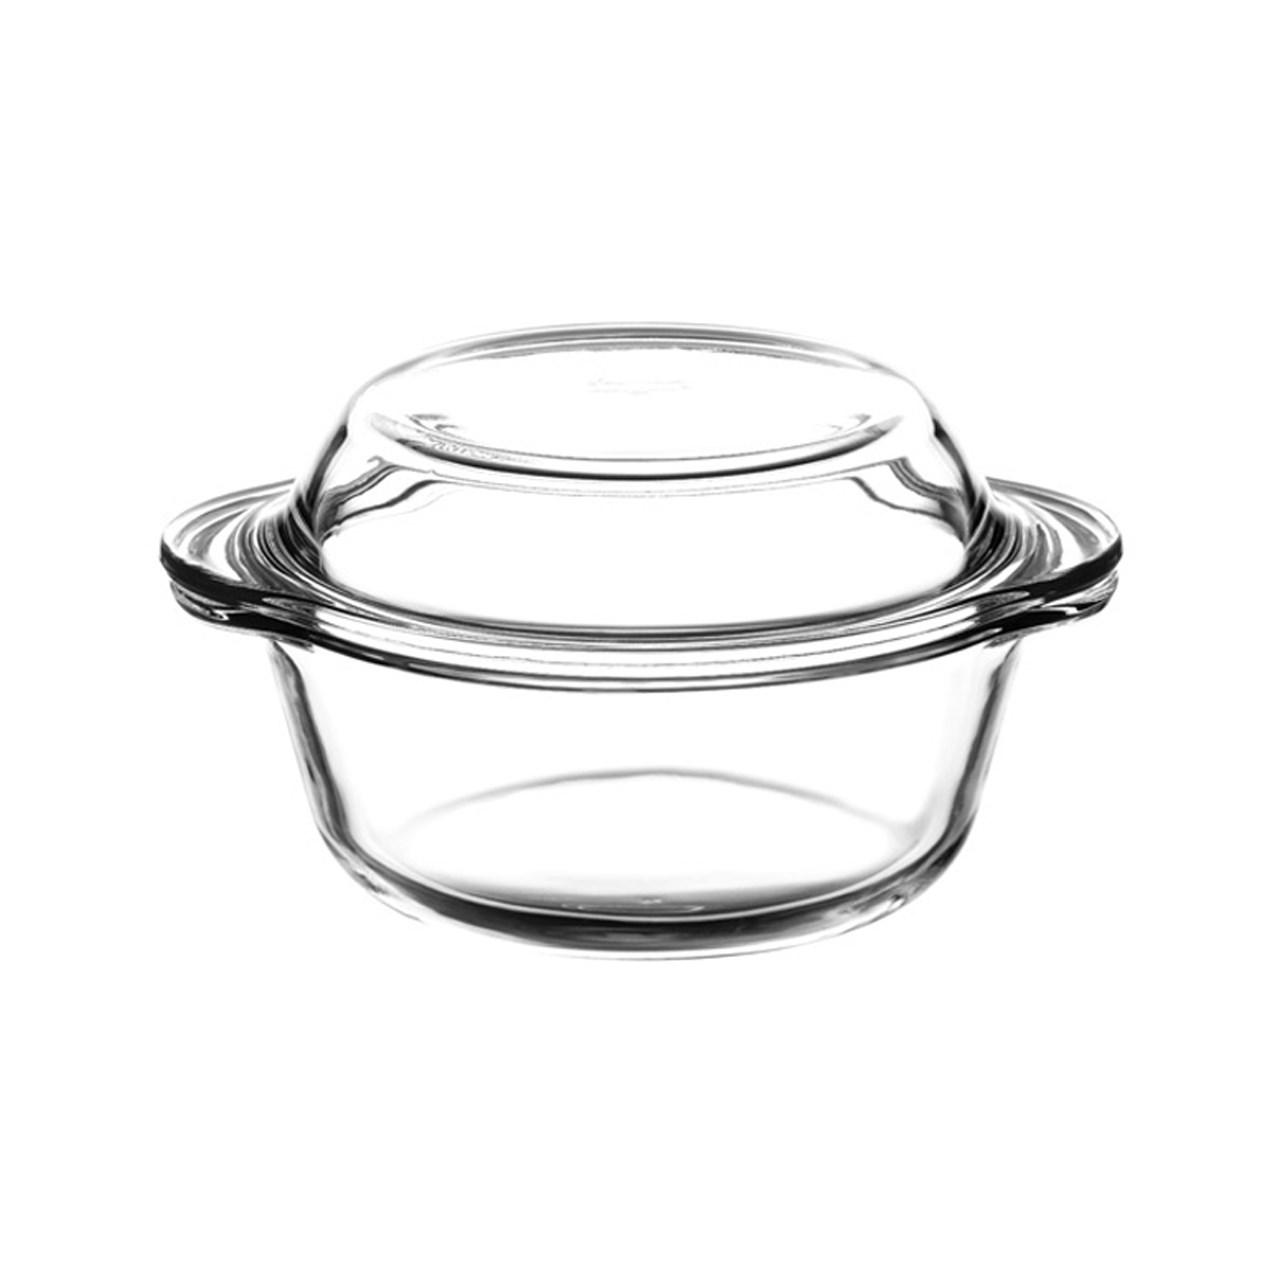 ظرف پخت پاشاباغچه مدل Borcam کد 59033